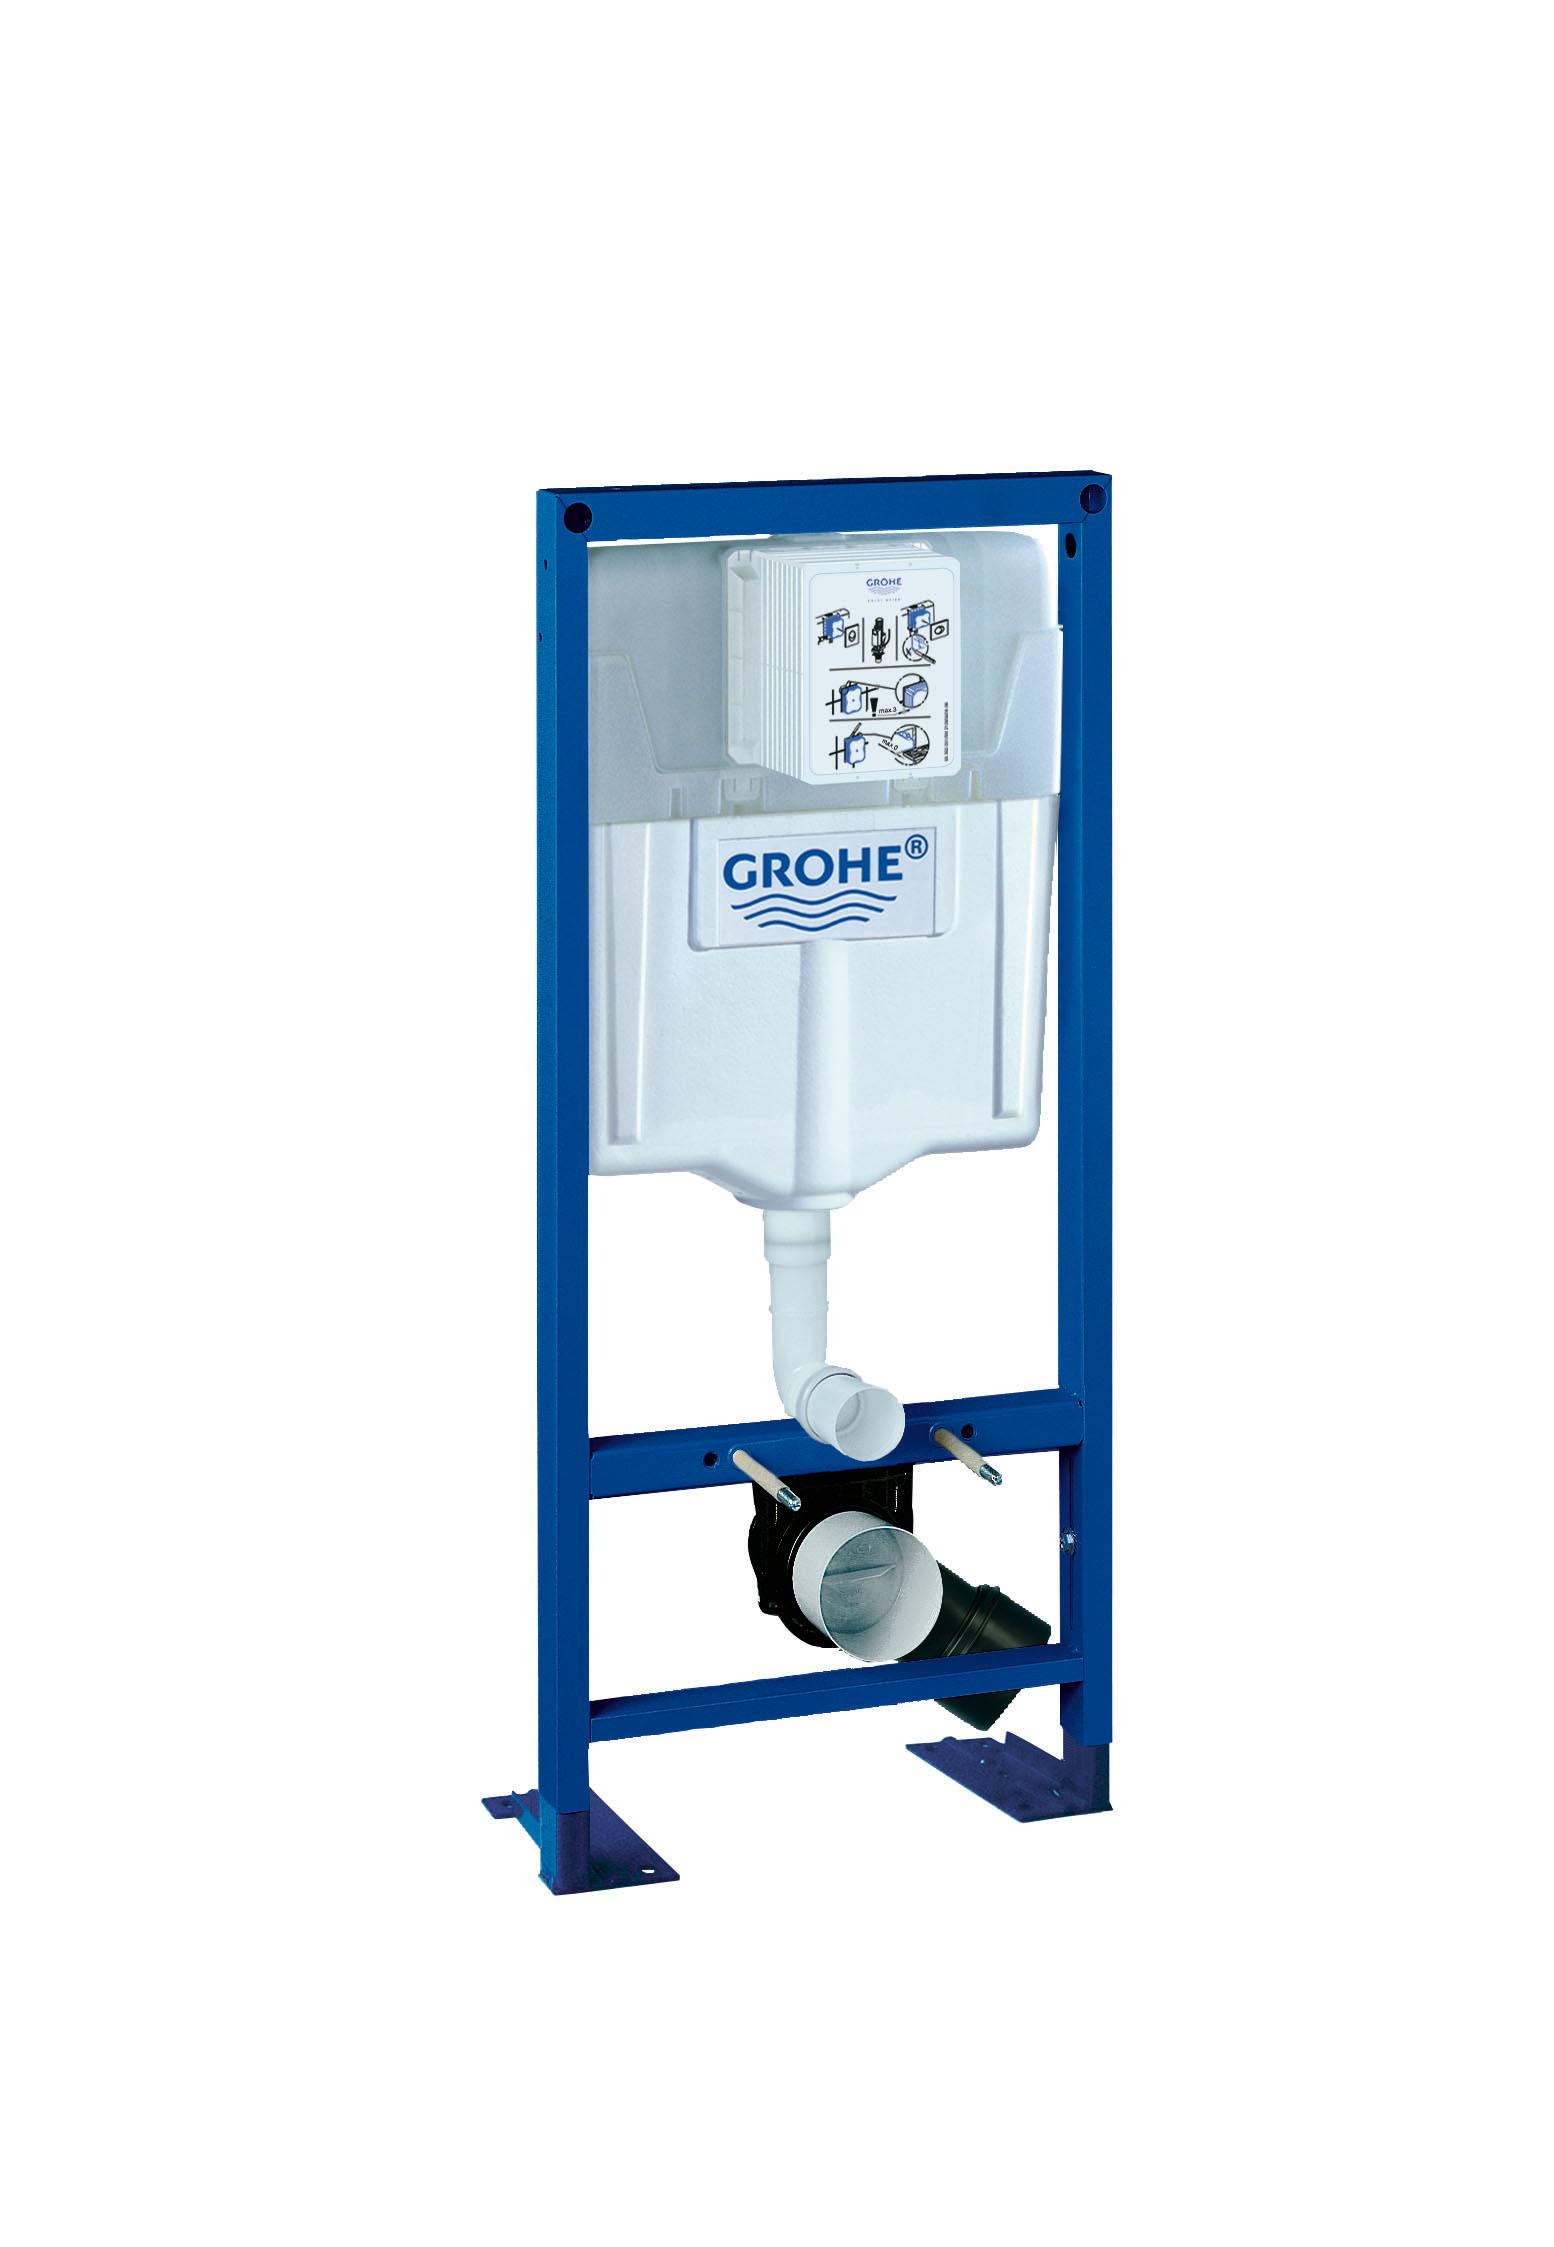 Инсталляция для унитаза Grohe Rapid sl 38584001 инсталляция 4в1 grohe rapid sl 38750001 для подвесного унитаза